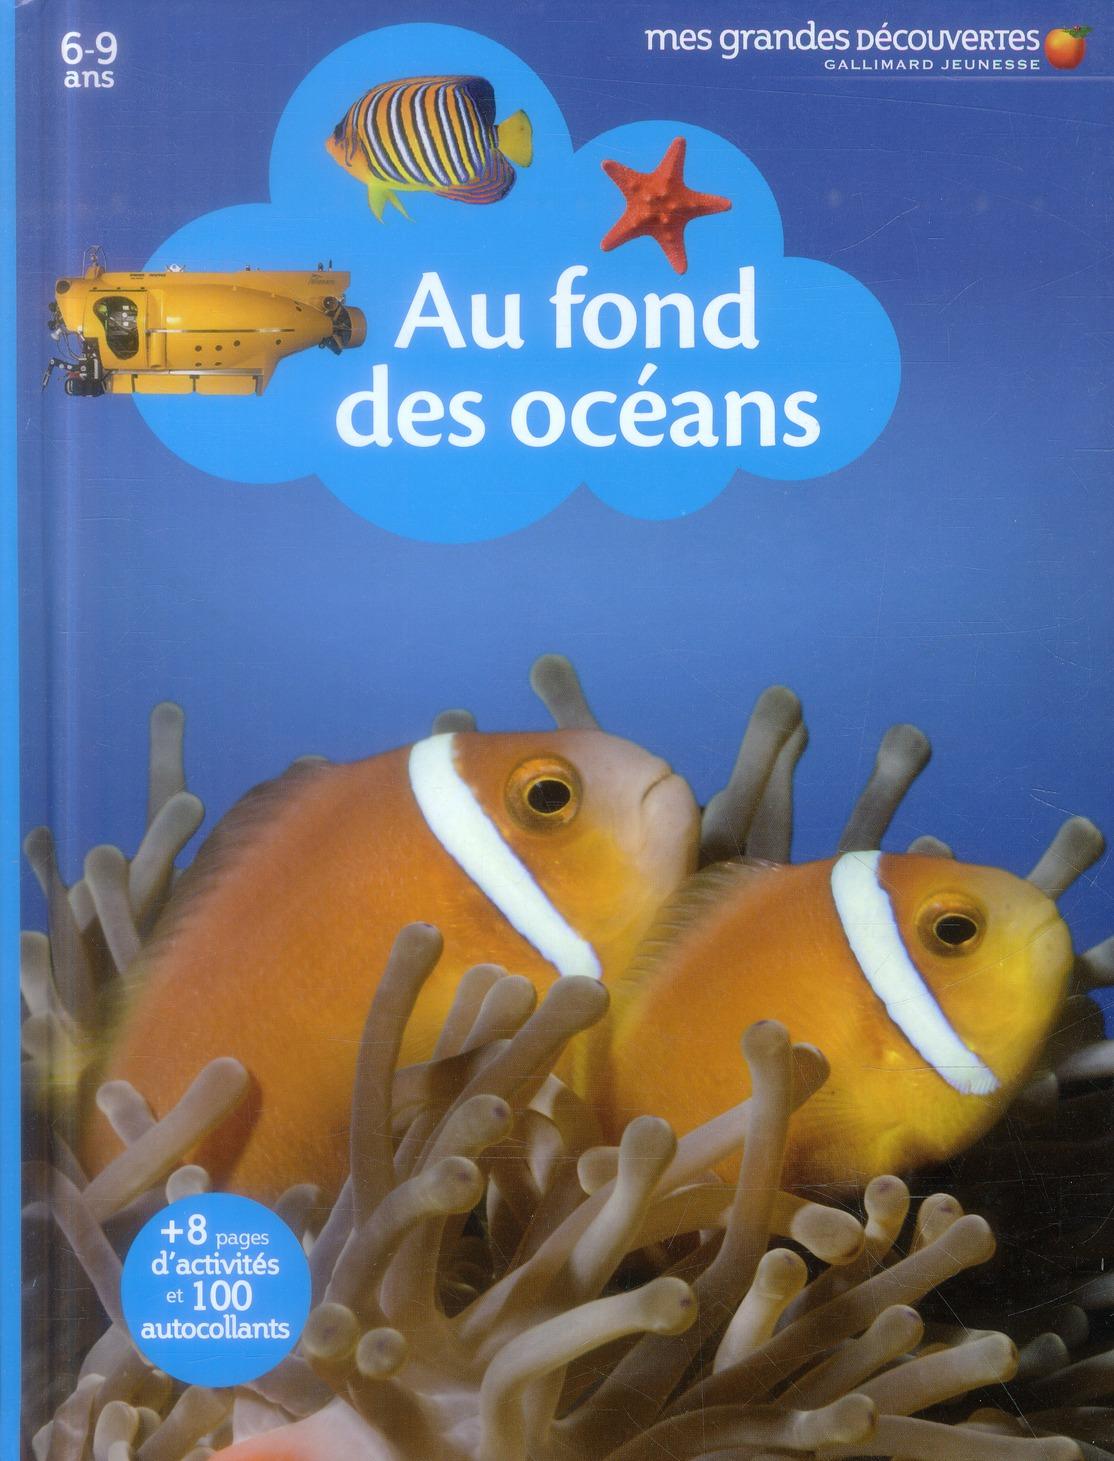 AU FOND DES OCEANS